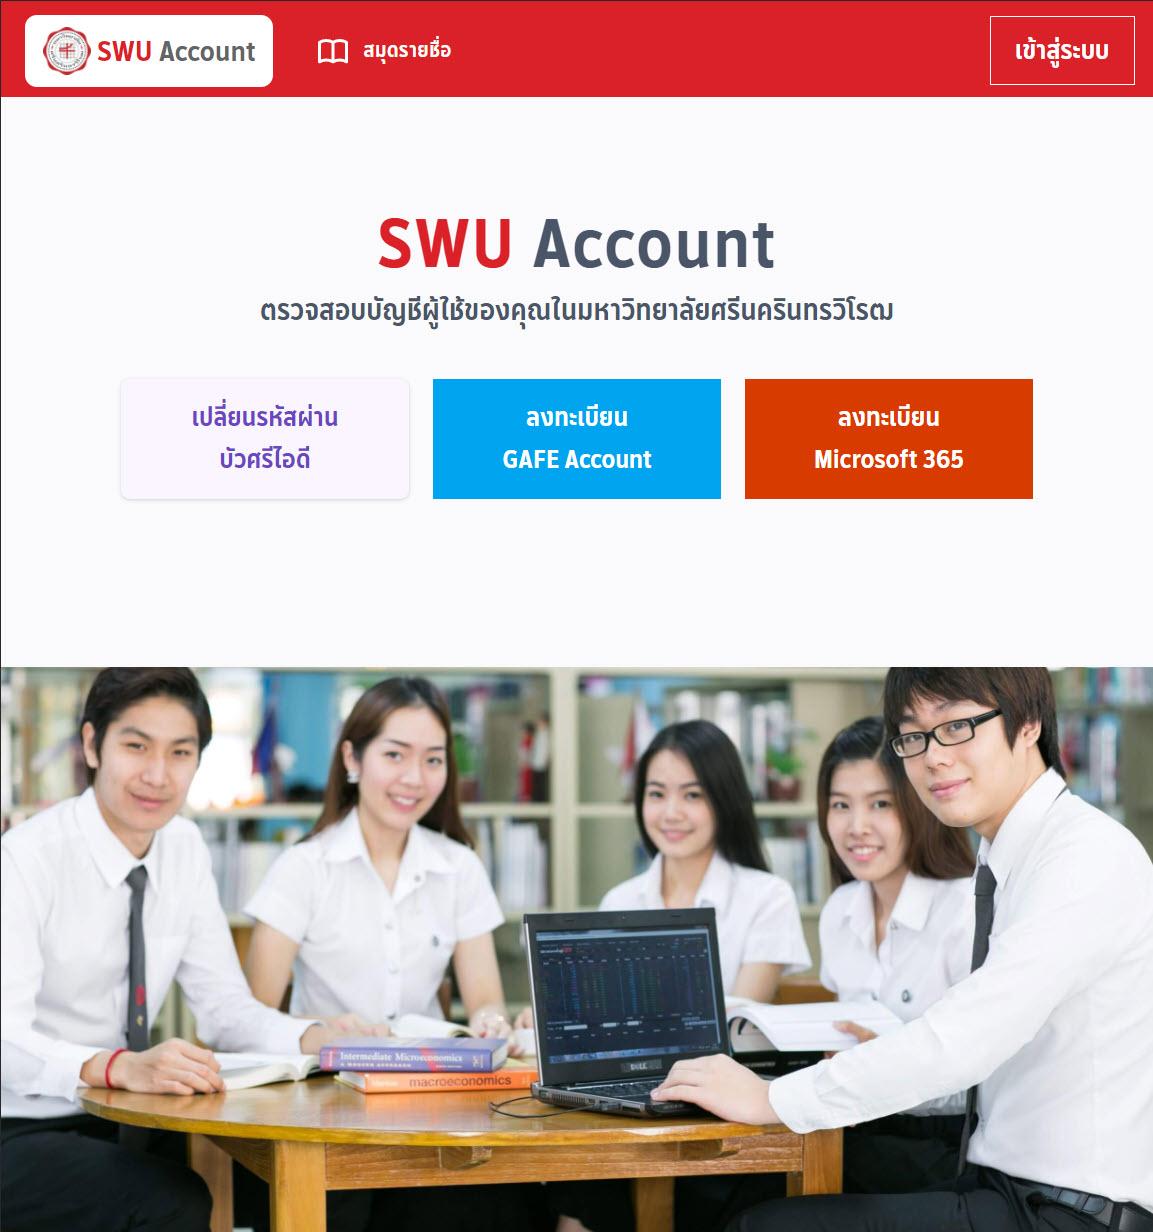 SWU Account